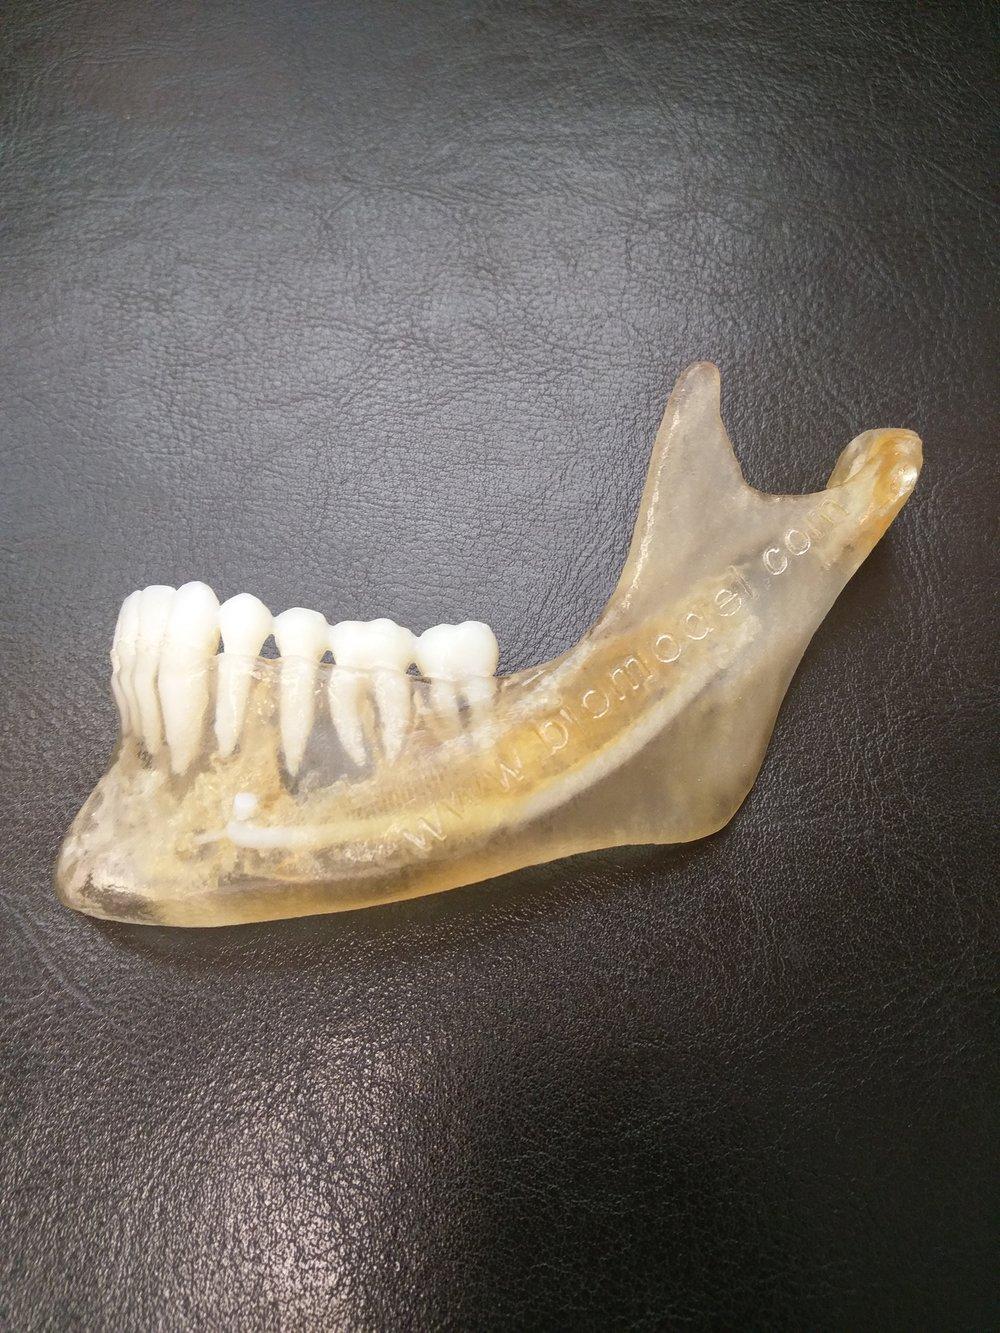 Sterilizable Medical grade 3D Print materials